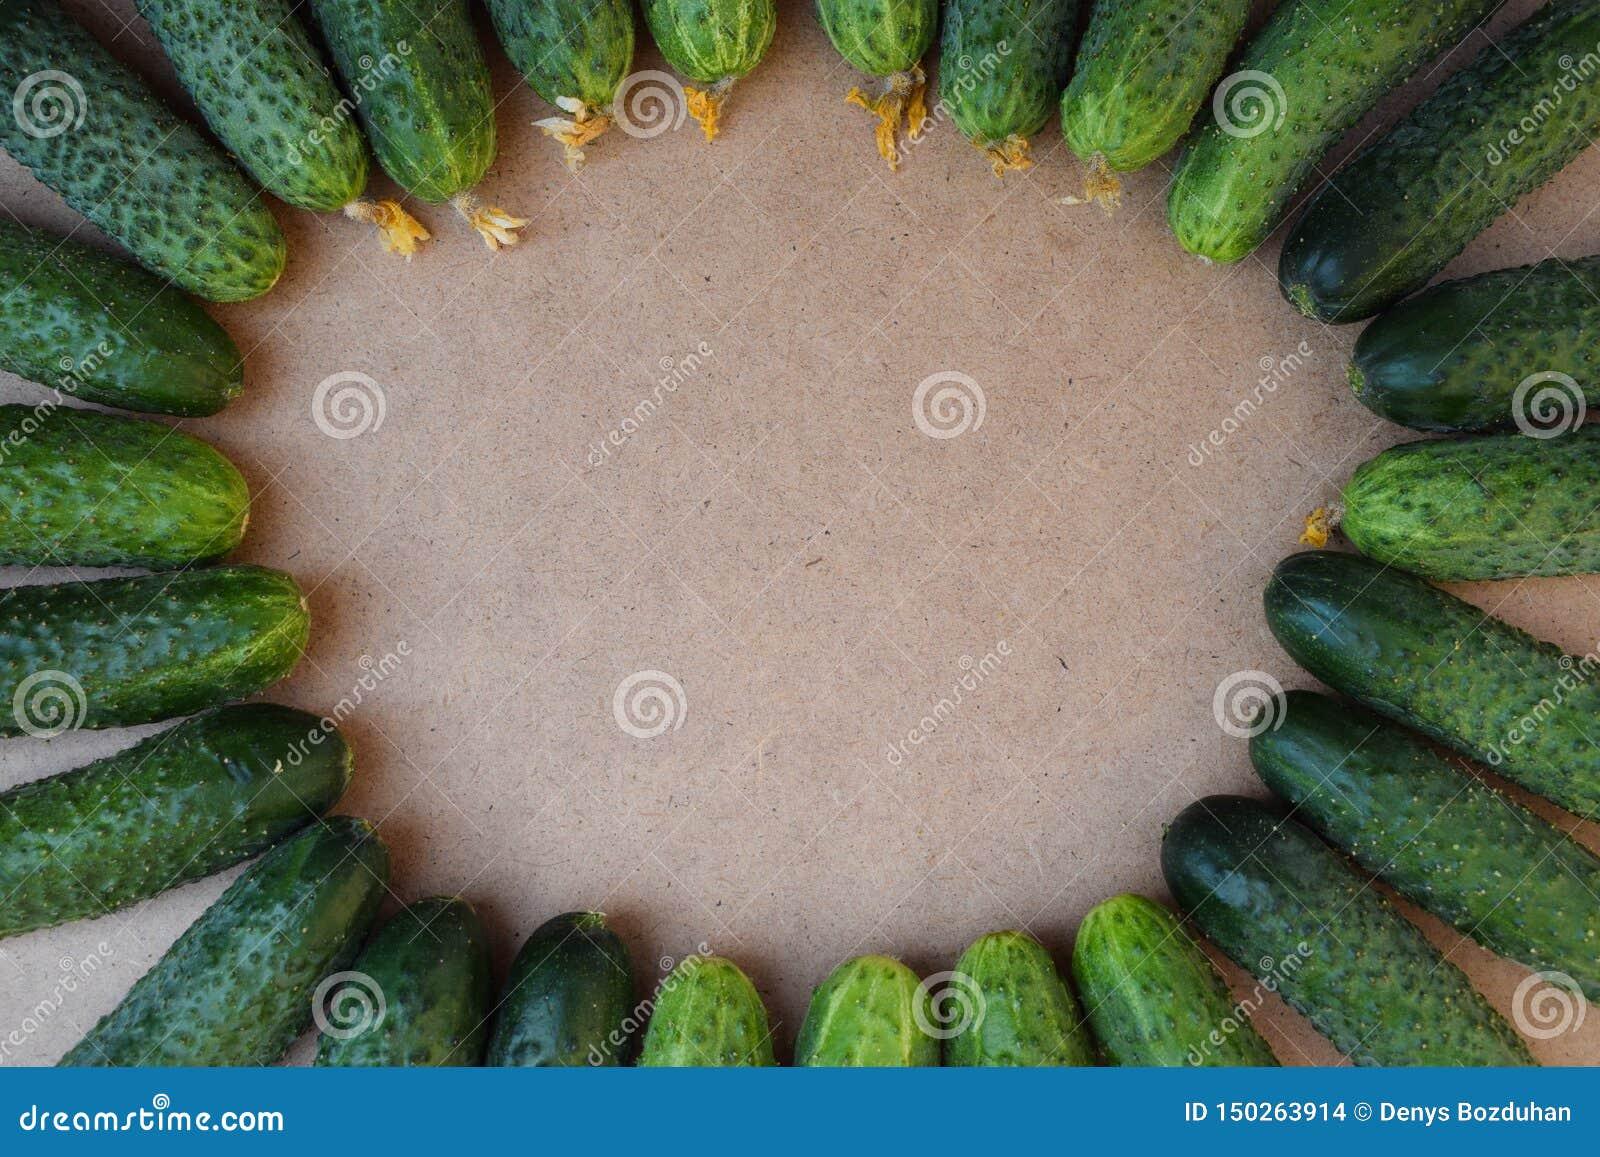 Свежие зеленые огурцы r Огурец содержит витамины b, a